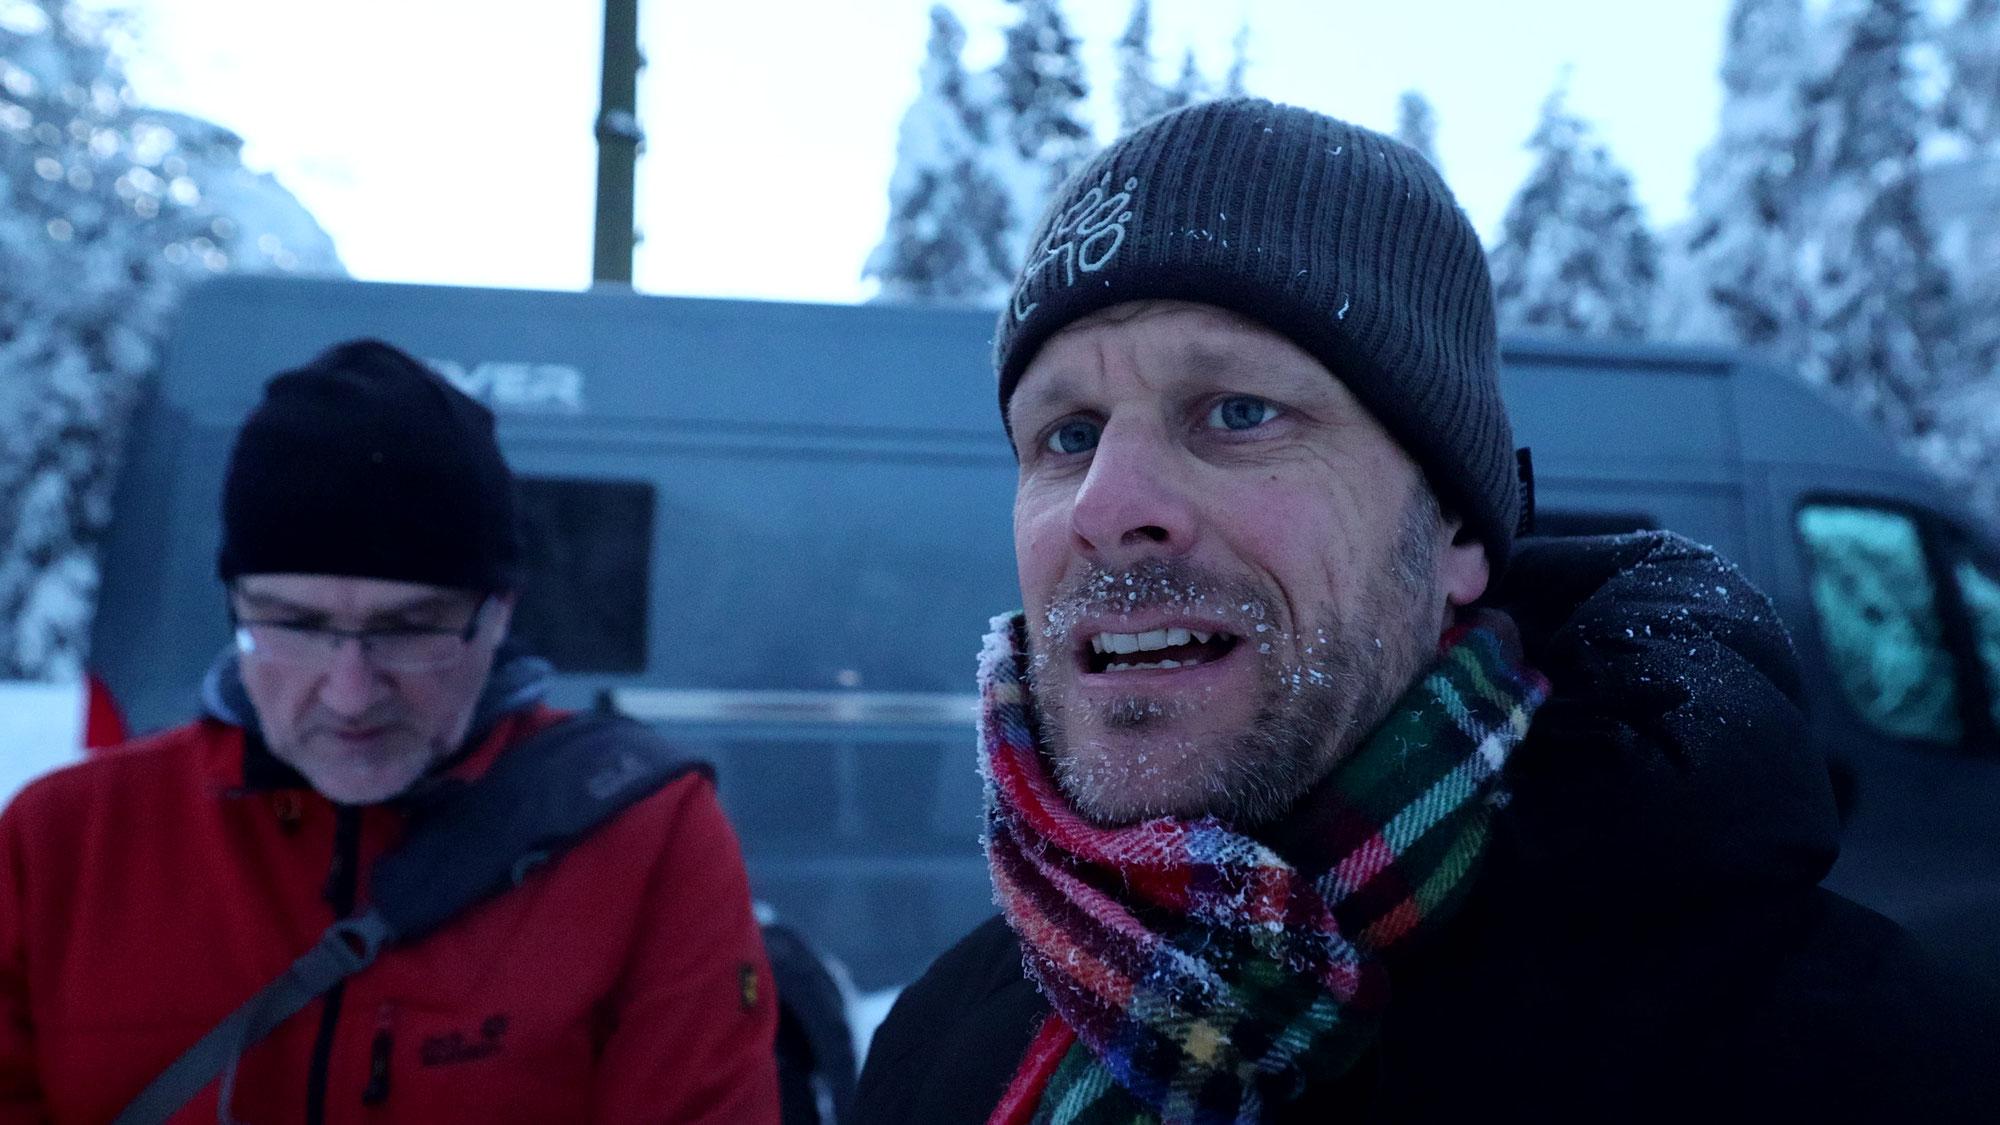 #224 Schneemassen & Jens - Gefriertruhe Albulatal, -17°C und die Heizung steigt aus